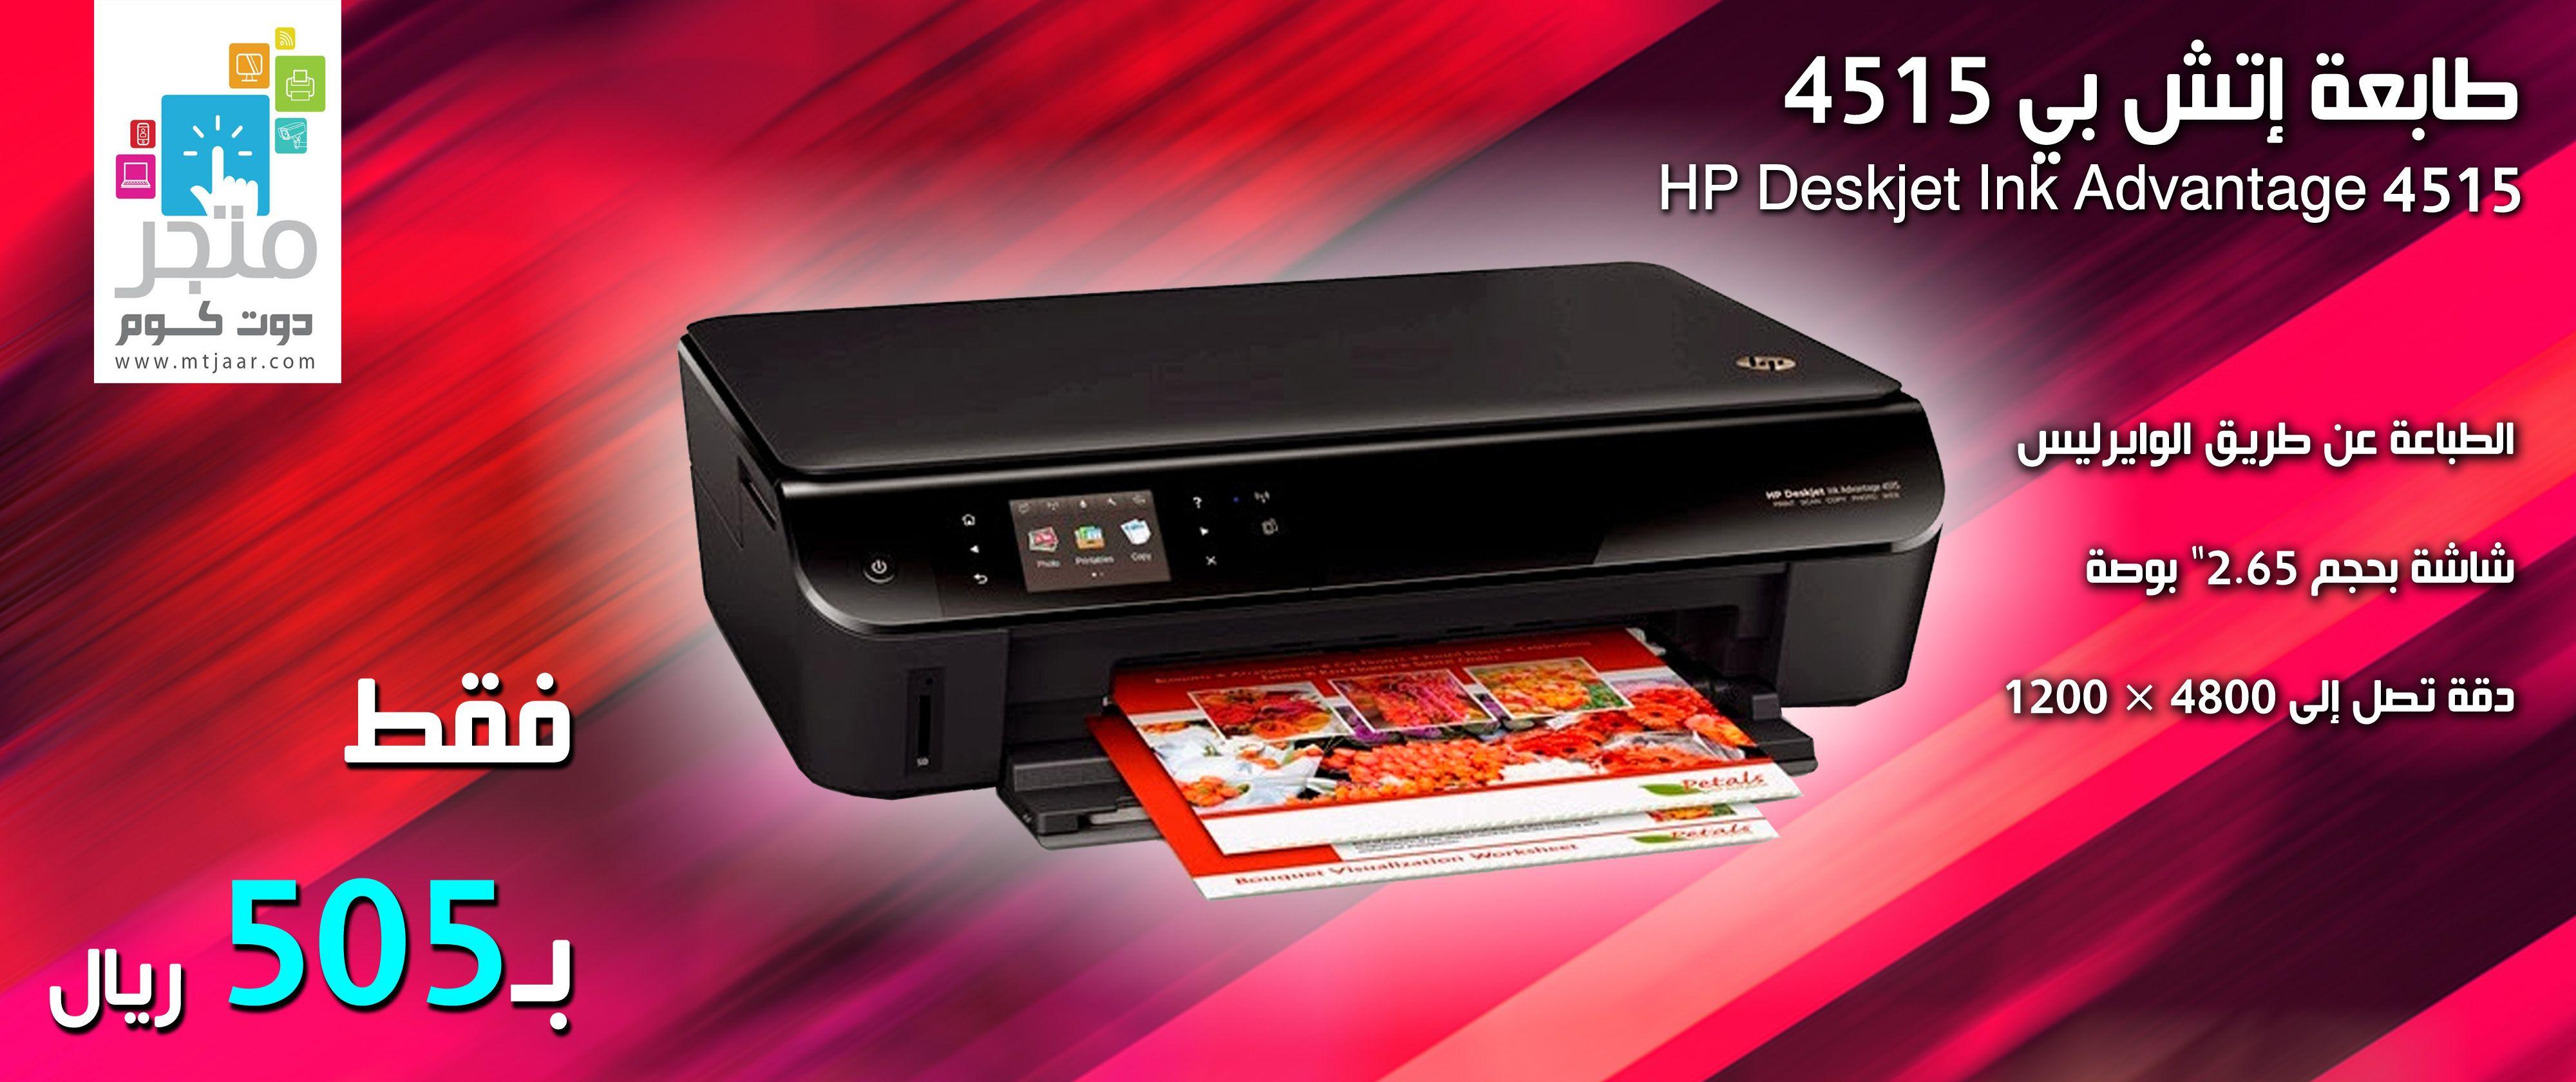 اطبع حيثما ألهمتك الإبداعية مع تقنية الطباعة اللاسلكية لطابعة اتش بي 4515 ديسكجيت ادفاتيج تقدم لك ثلاث ميزات في طابعة واحدة الطباعة النسخ الماسح الضوئي